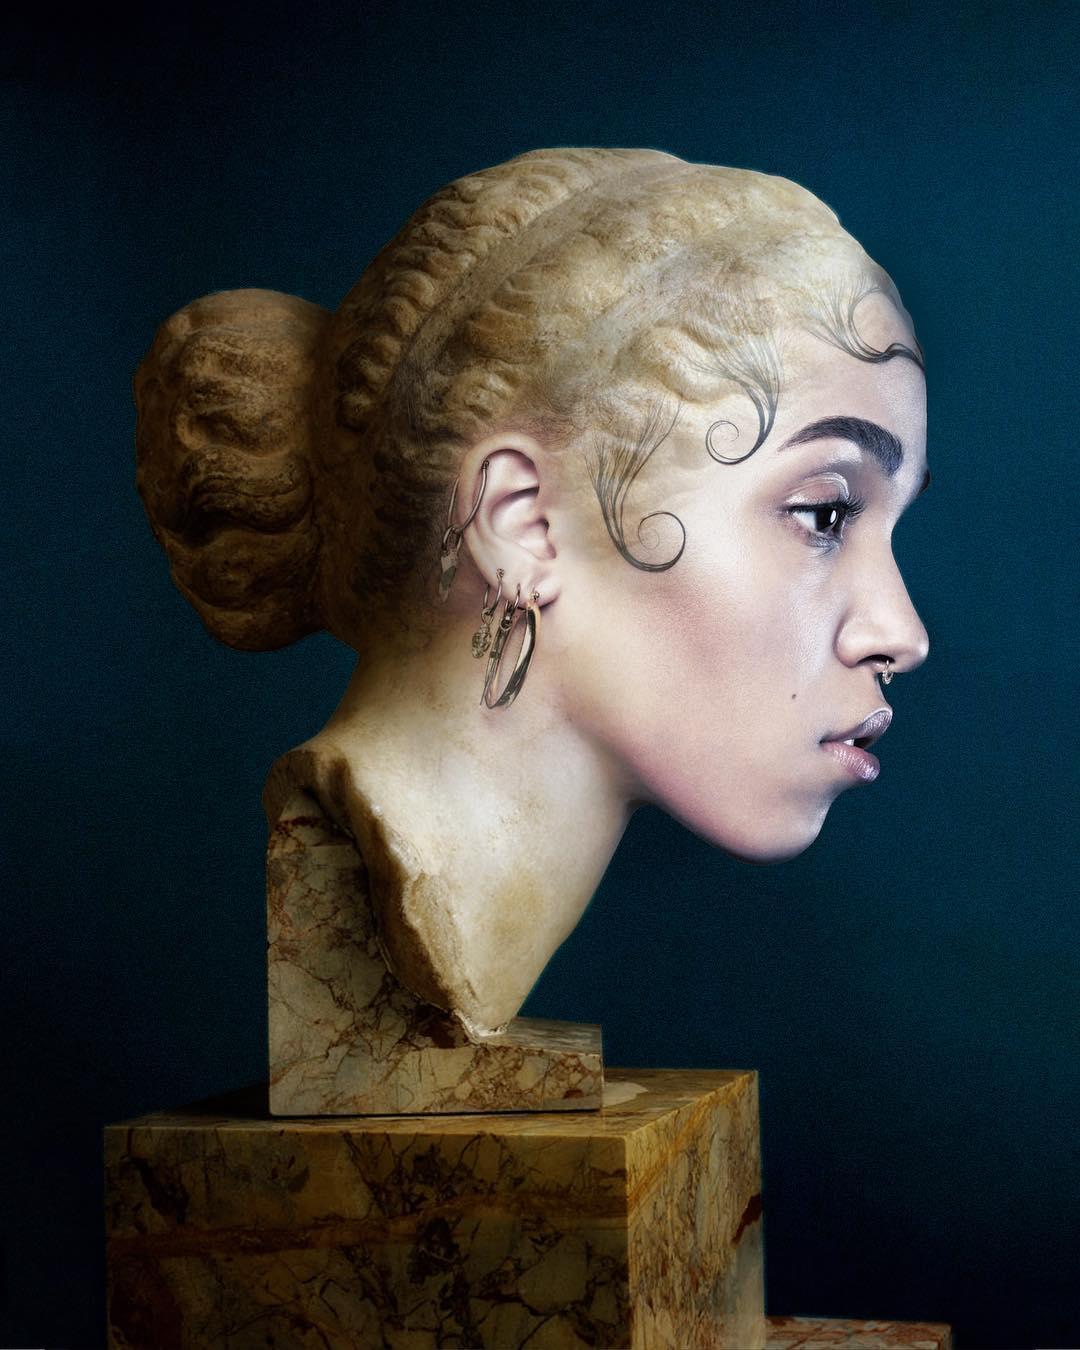 fkatwigssculpture slimesunday - Focus sur les effets digitaux et les larmes fluos de Slime Sunday